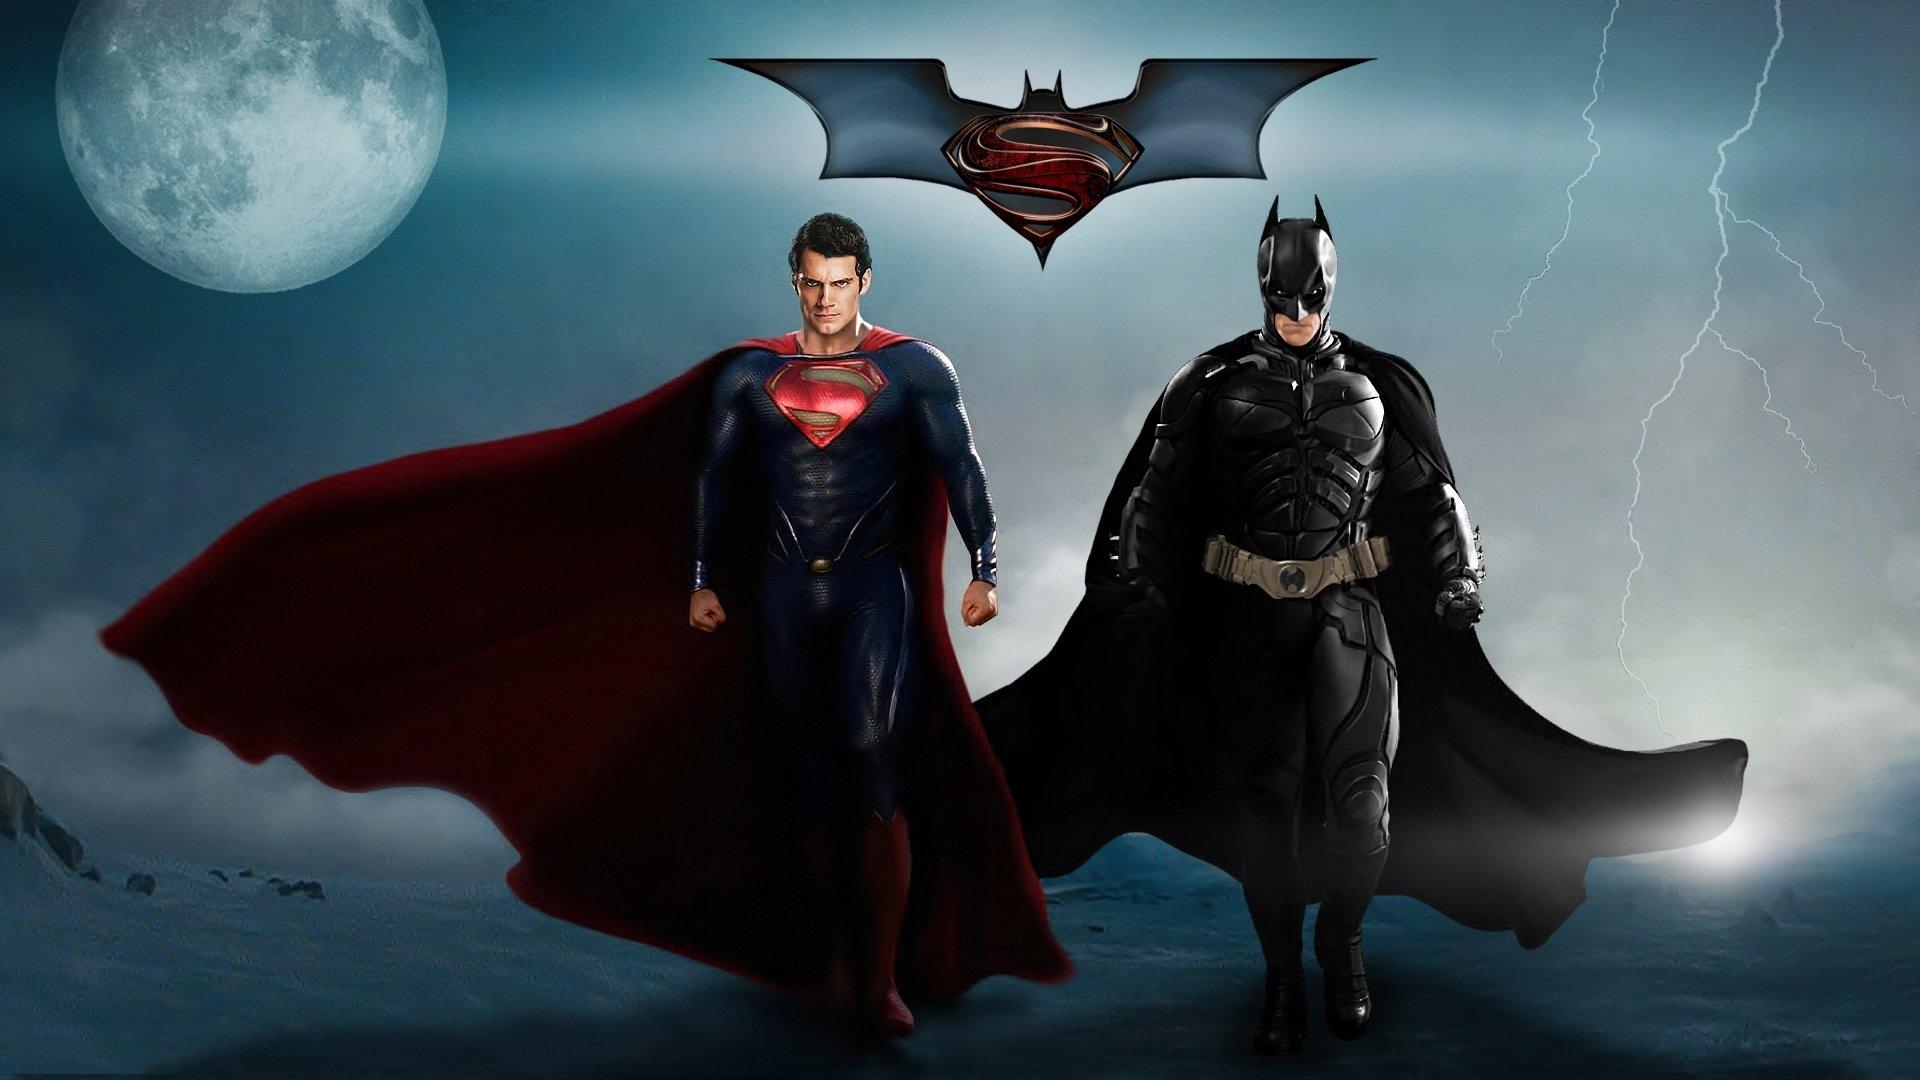 batman dark knight superhero dawn justice 25 wallpaper 1920x1080 1920x1080